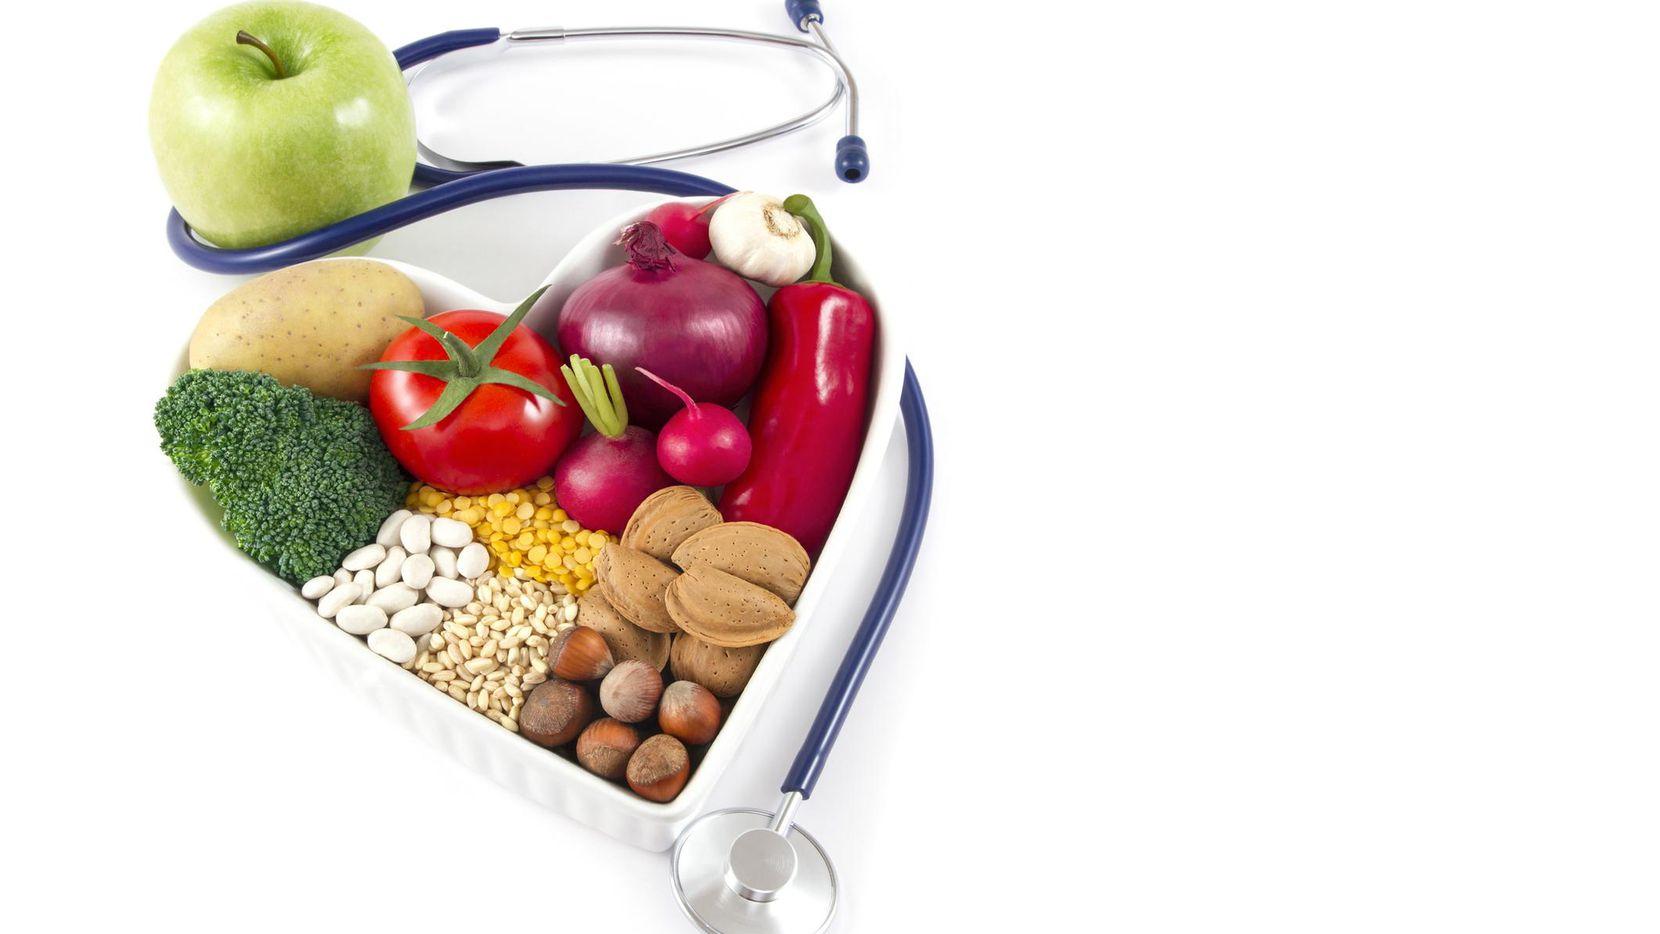 La nutrición es uno de los temas que se discutirá en la conferencia sobre la diabetes este sábado. (GETTY IMAGES/iSTOCK)